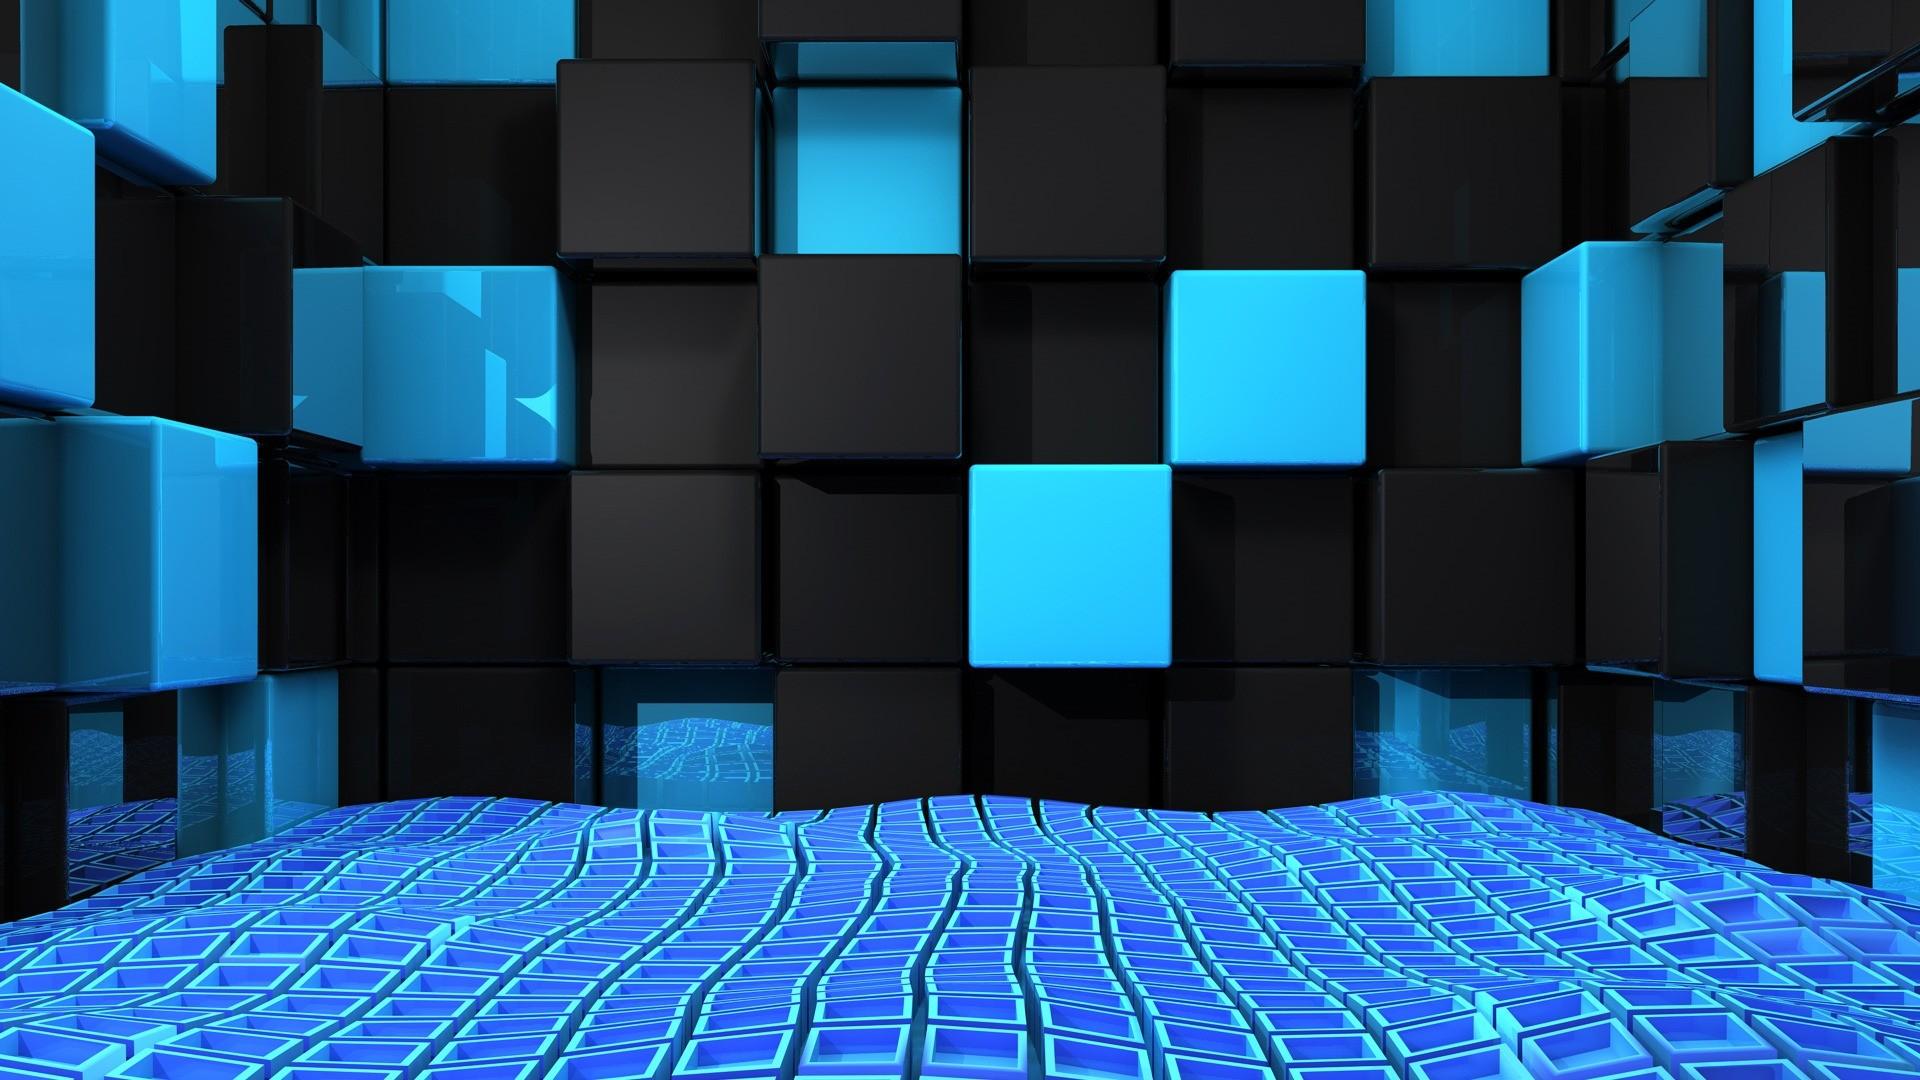 Nexus 1080p Desktop Wallpaper Abstract Black #5831 Hd Wallpapers .